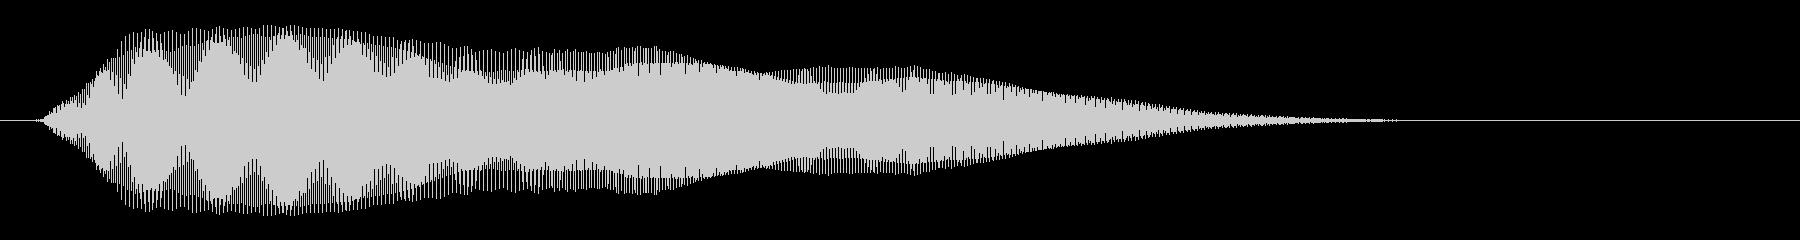 ピッピュ↑〜↓ン(短め)の未再生の波形